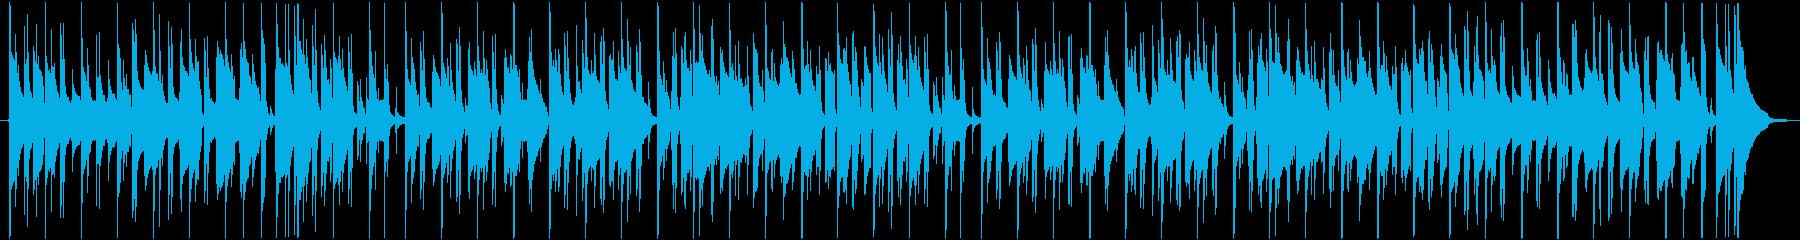 雨の日の日常で話している曲の再生済みの波形